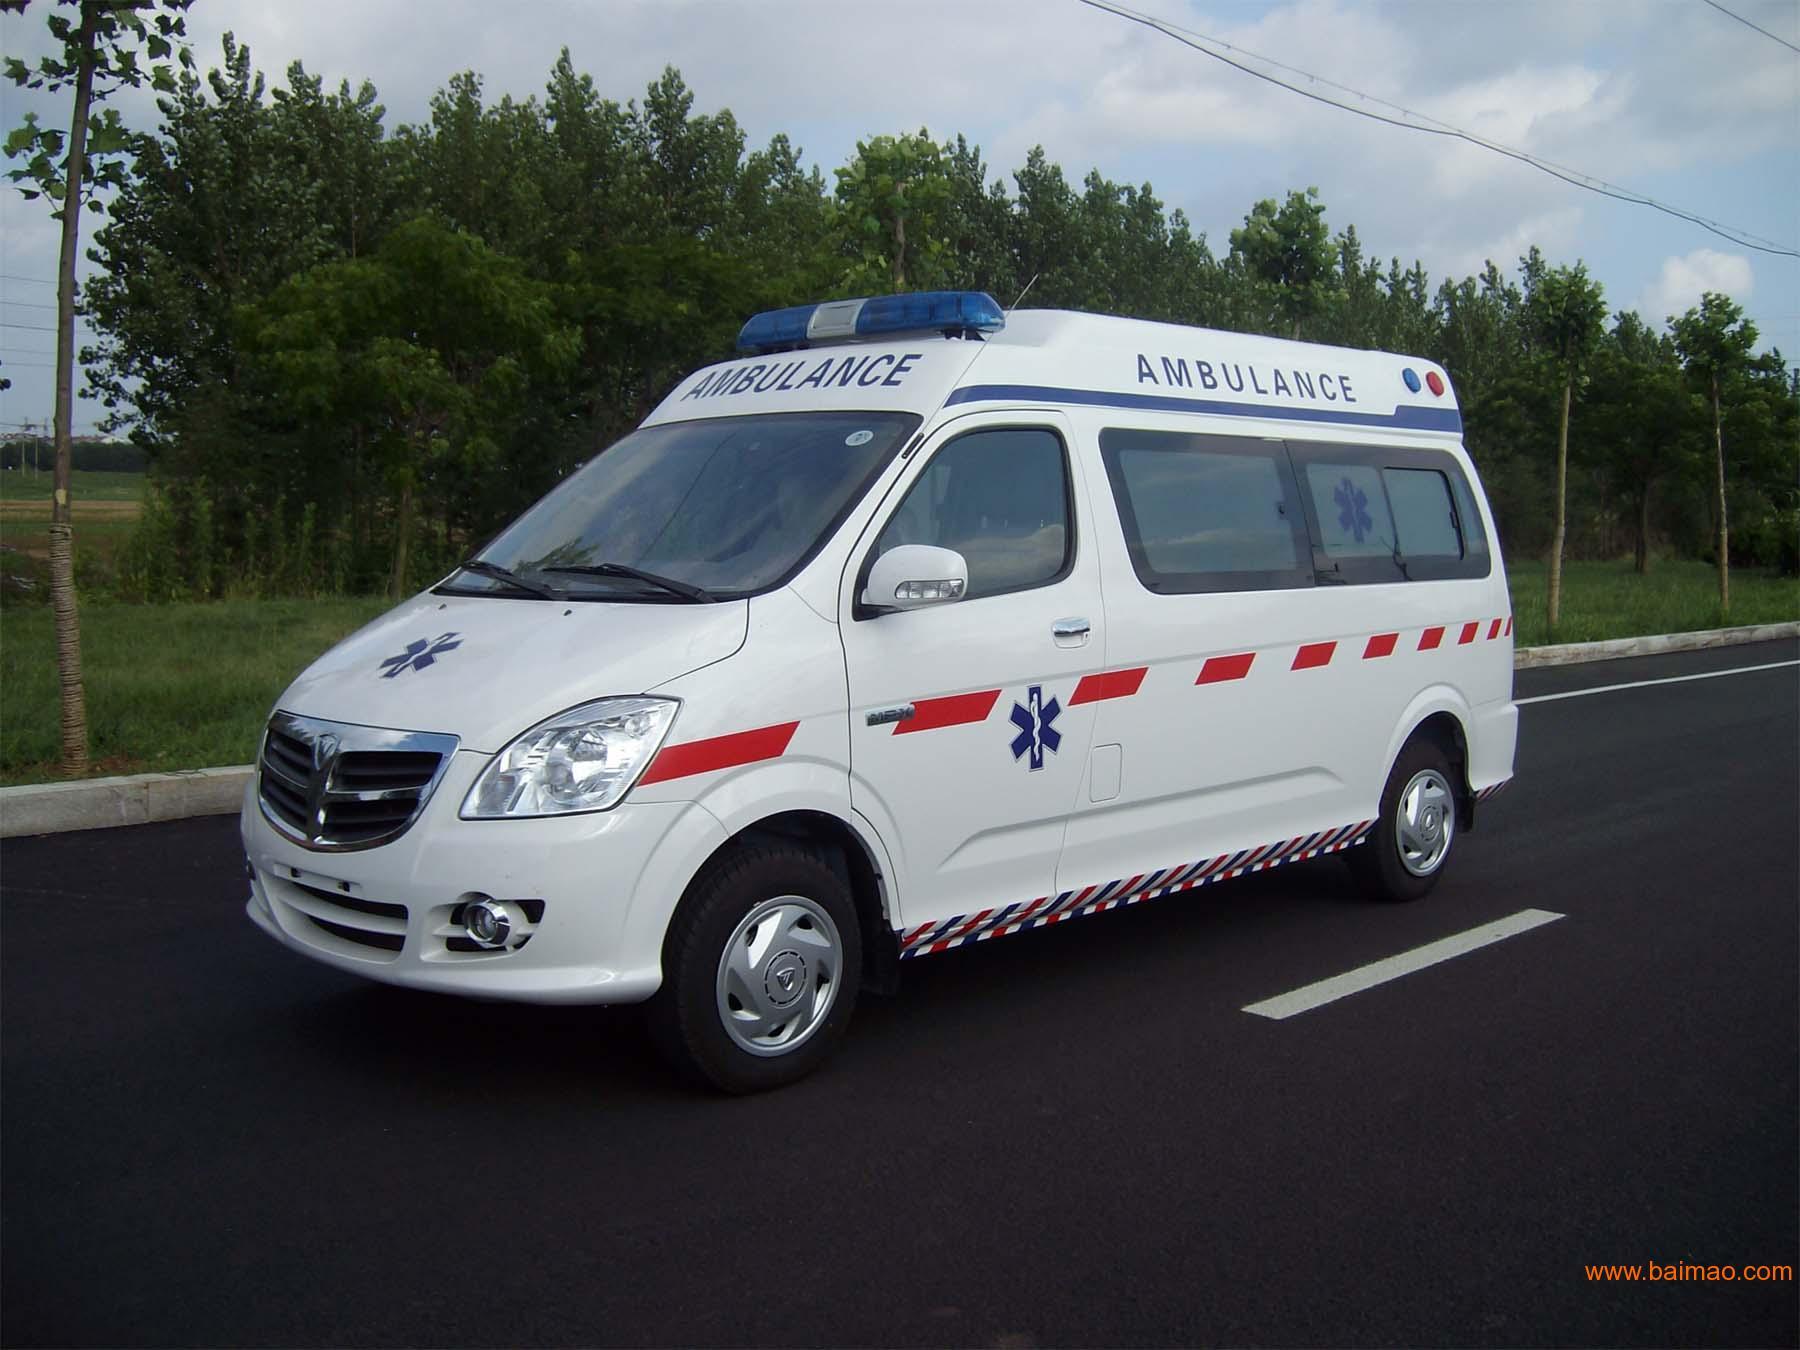 救护车出租 深圳120救护车 专业救护车价格 深圳救护车出租 专业医院救护车